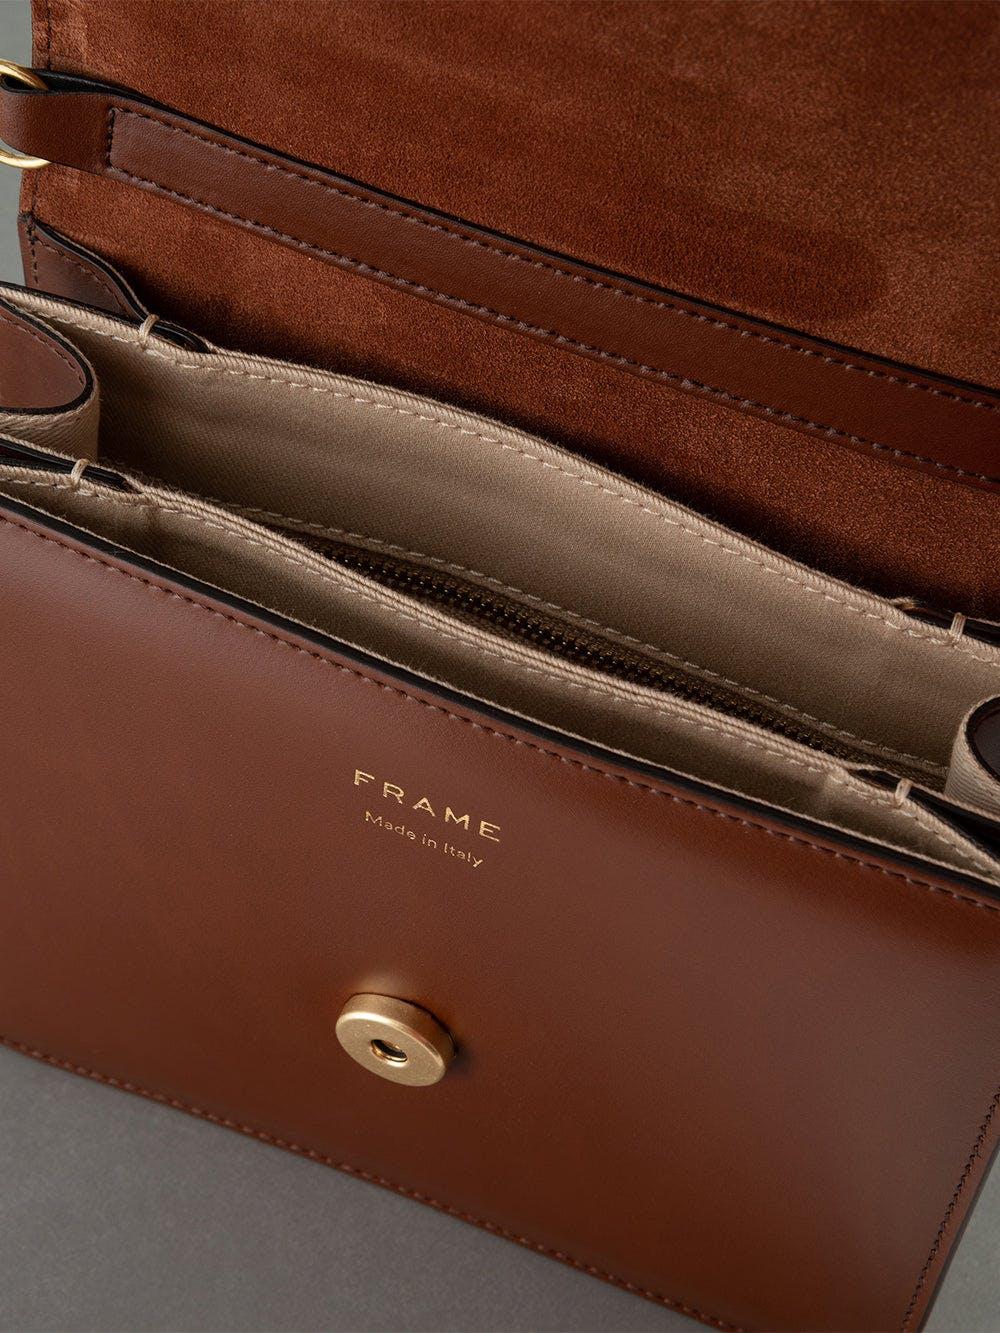 handbag inside view alt:hover